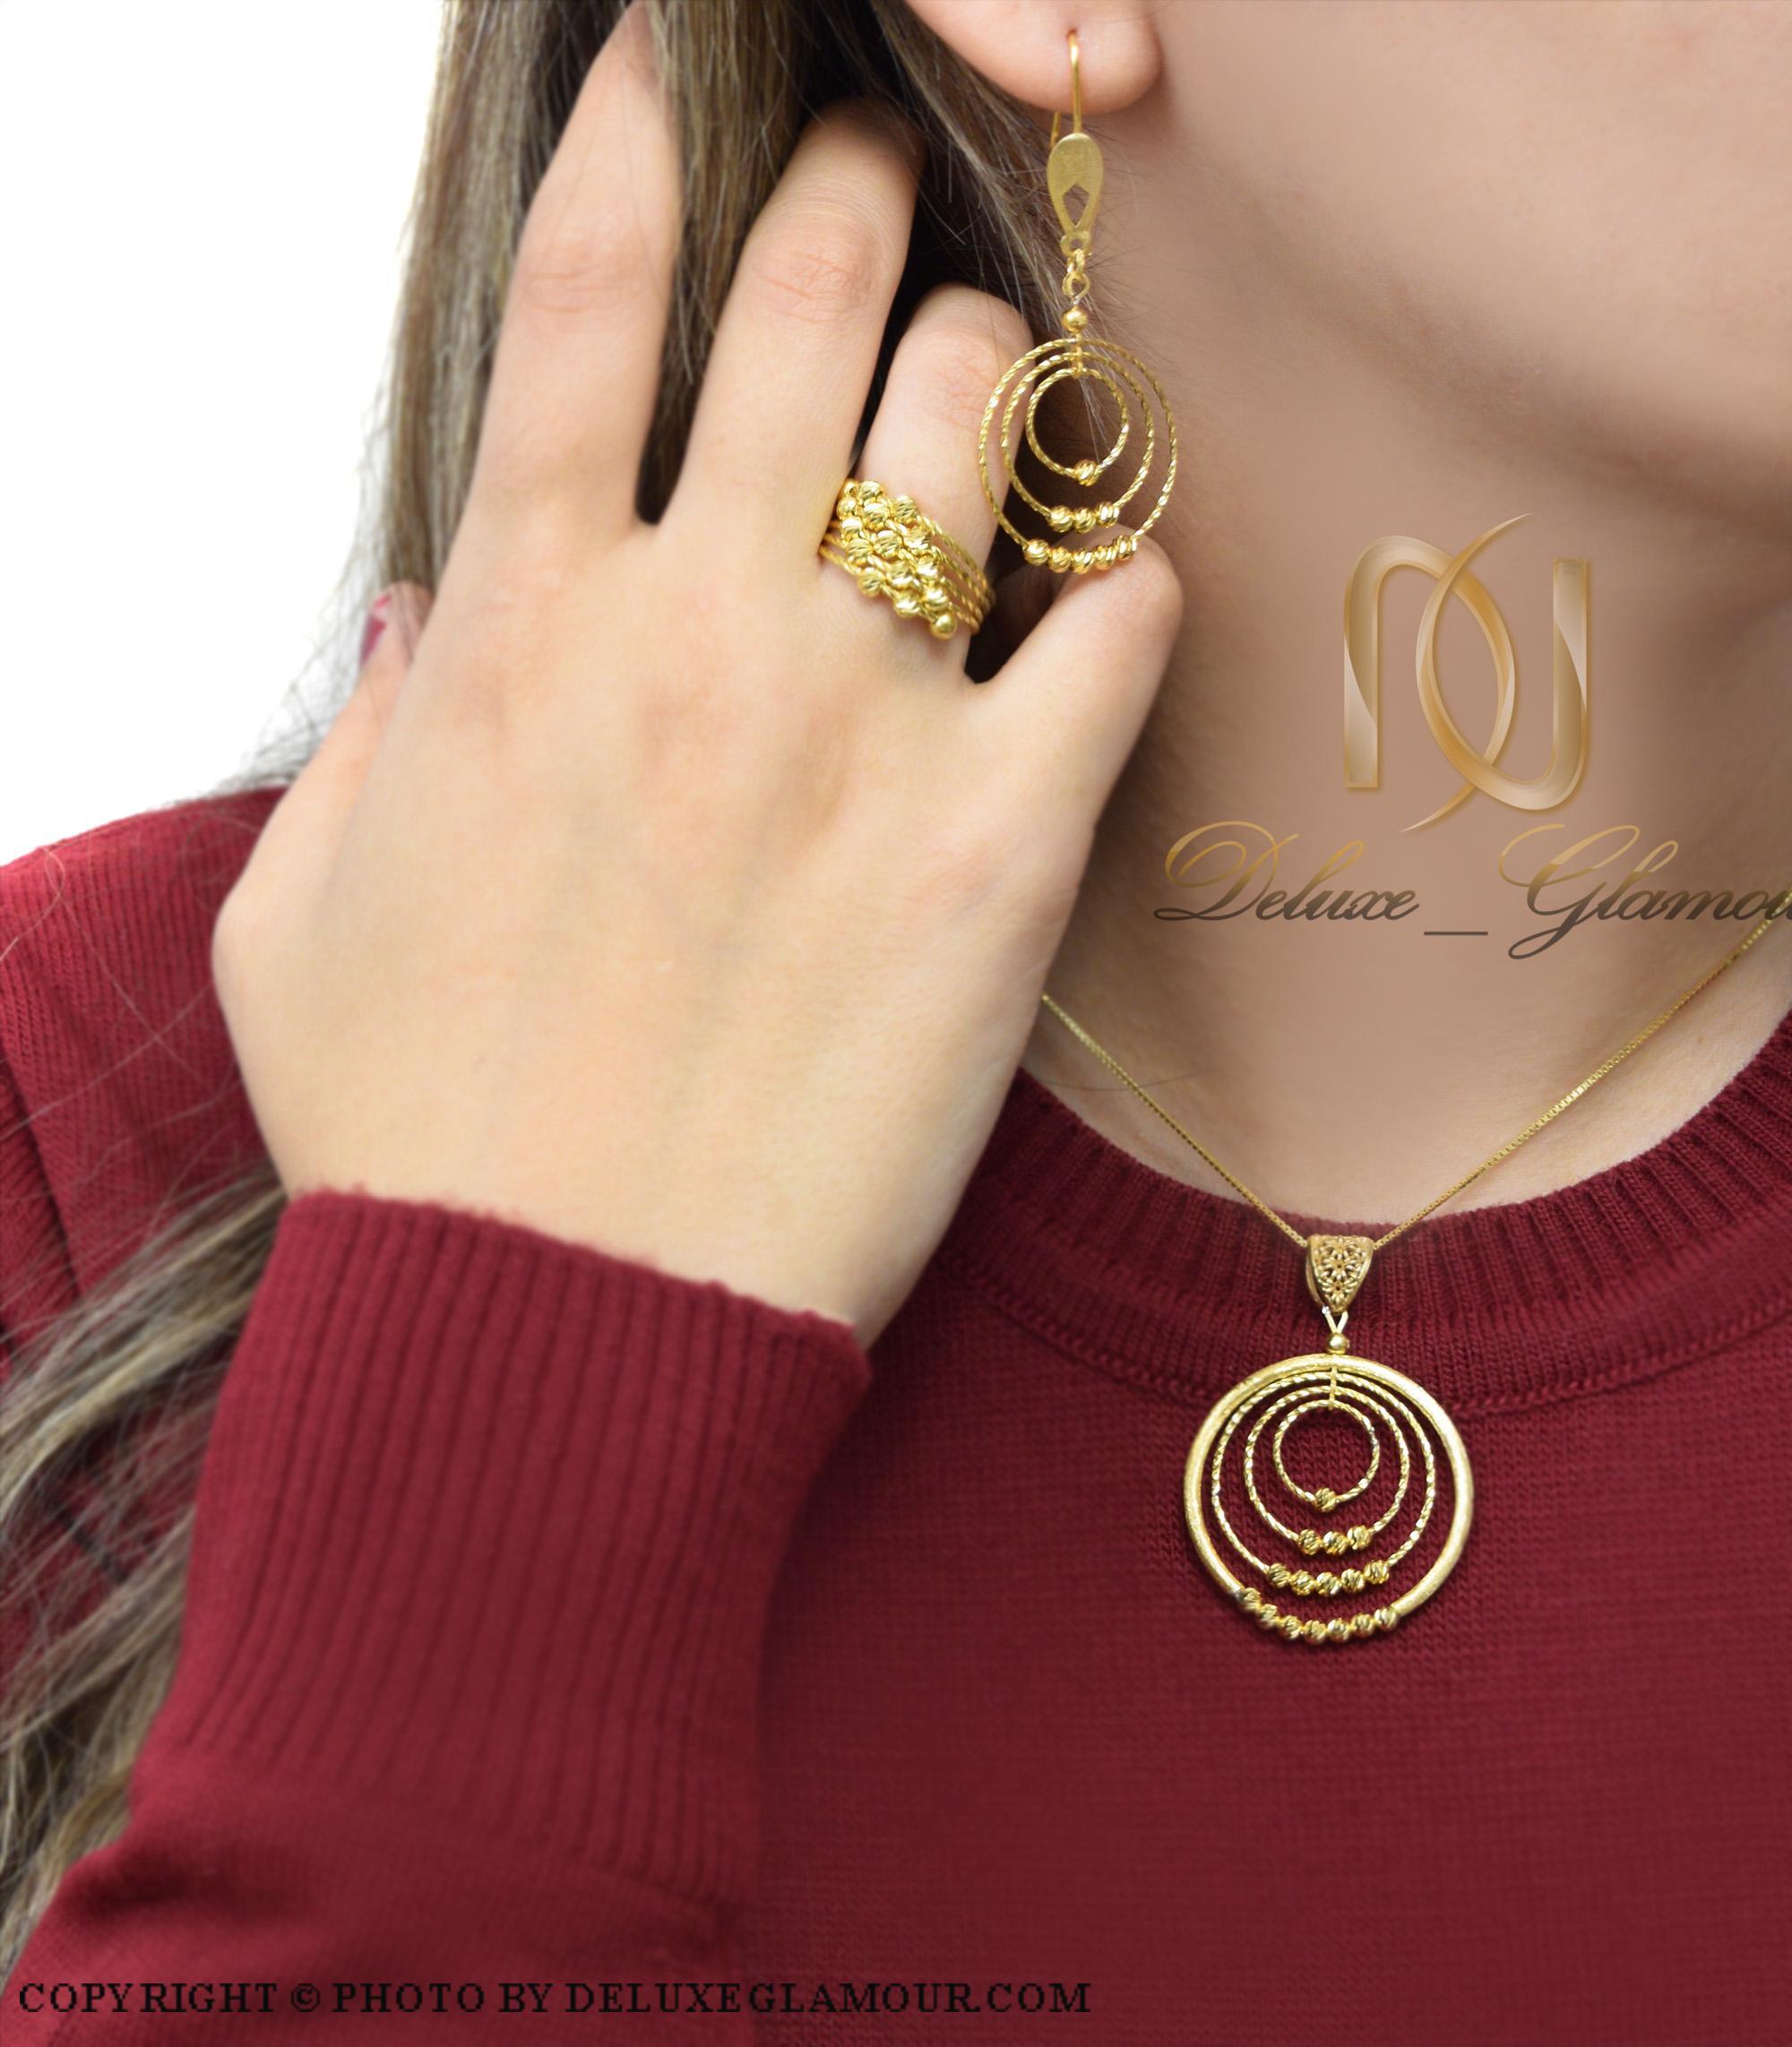 نیم ست نقره زنانه انگشتر دار طلایی ns-n420 از نمای روبرو